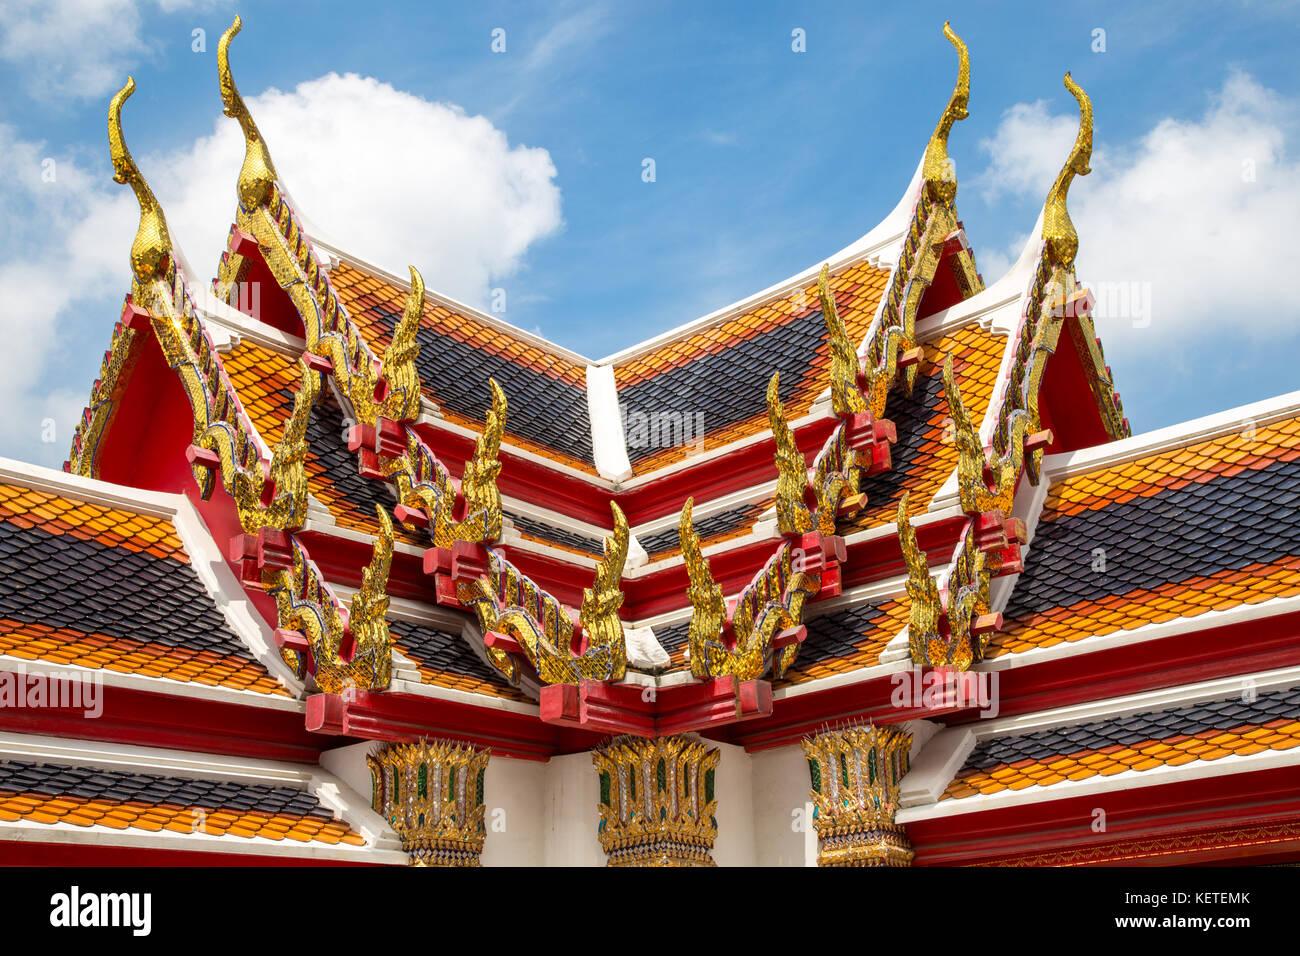 Ornati tetti colorati di Wat Pho, Bangkok, Thailandia Foto Stock